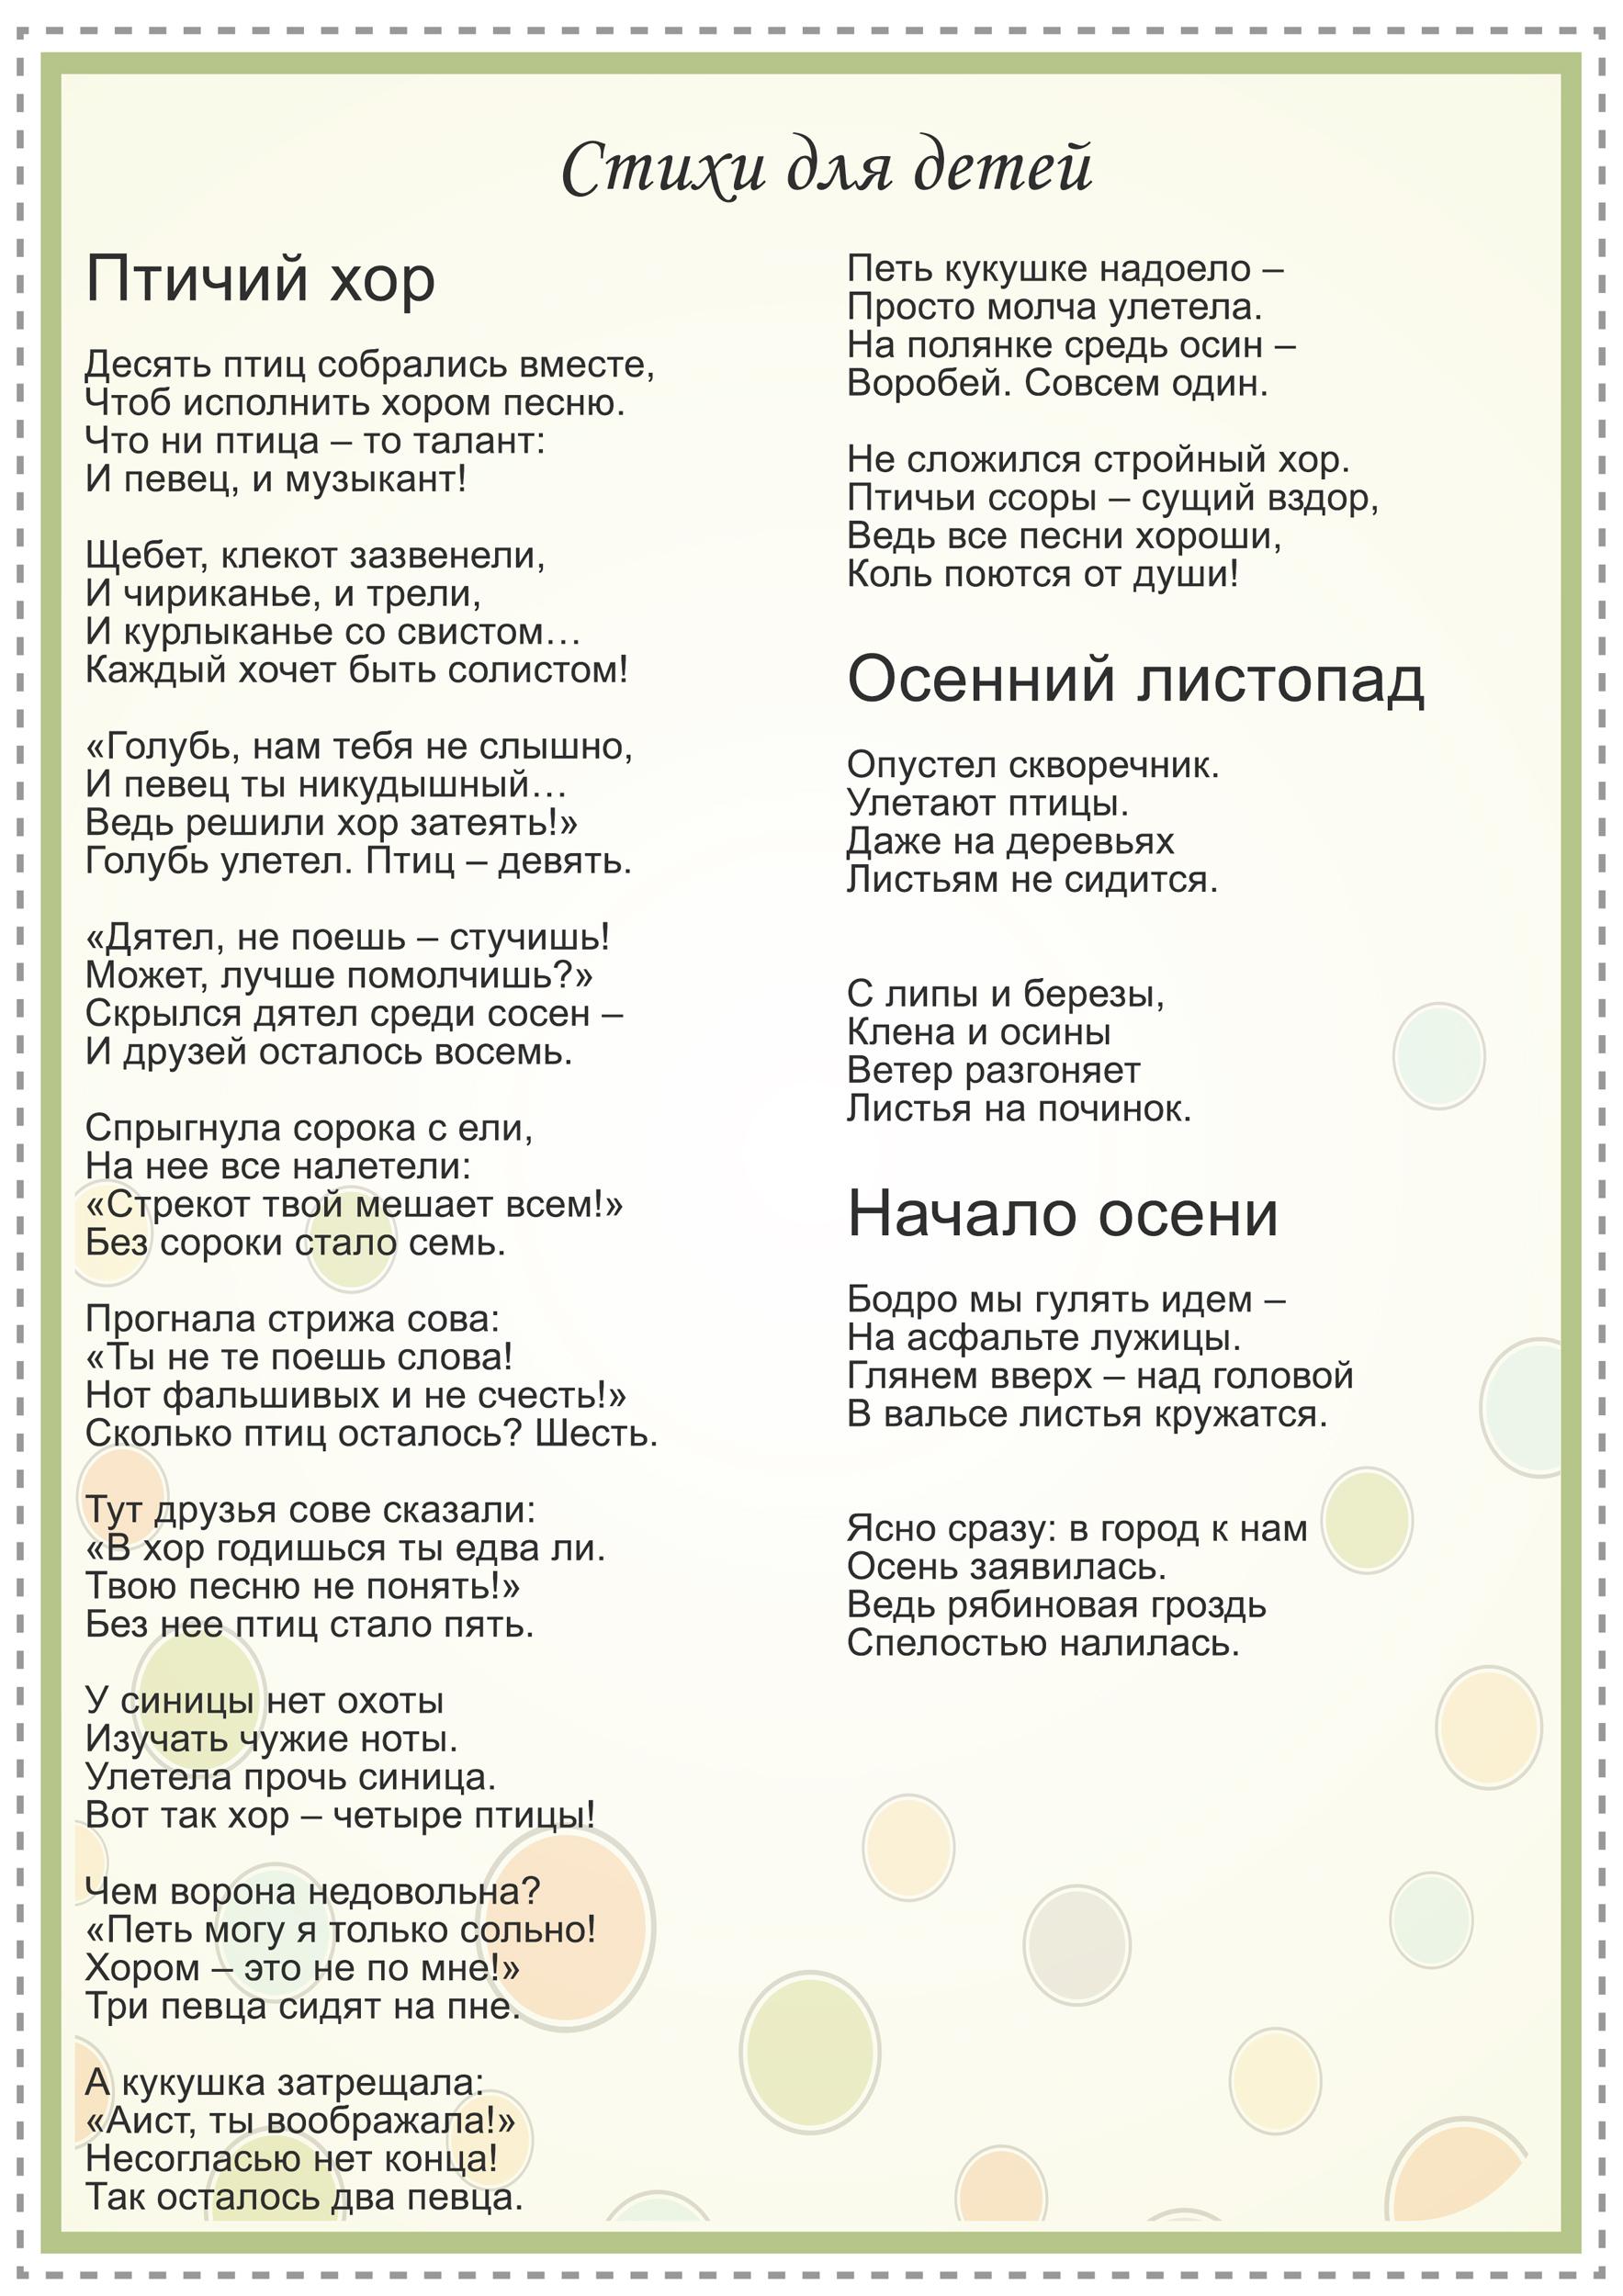 Стих с рождением правнука прабабушке в стихах